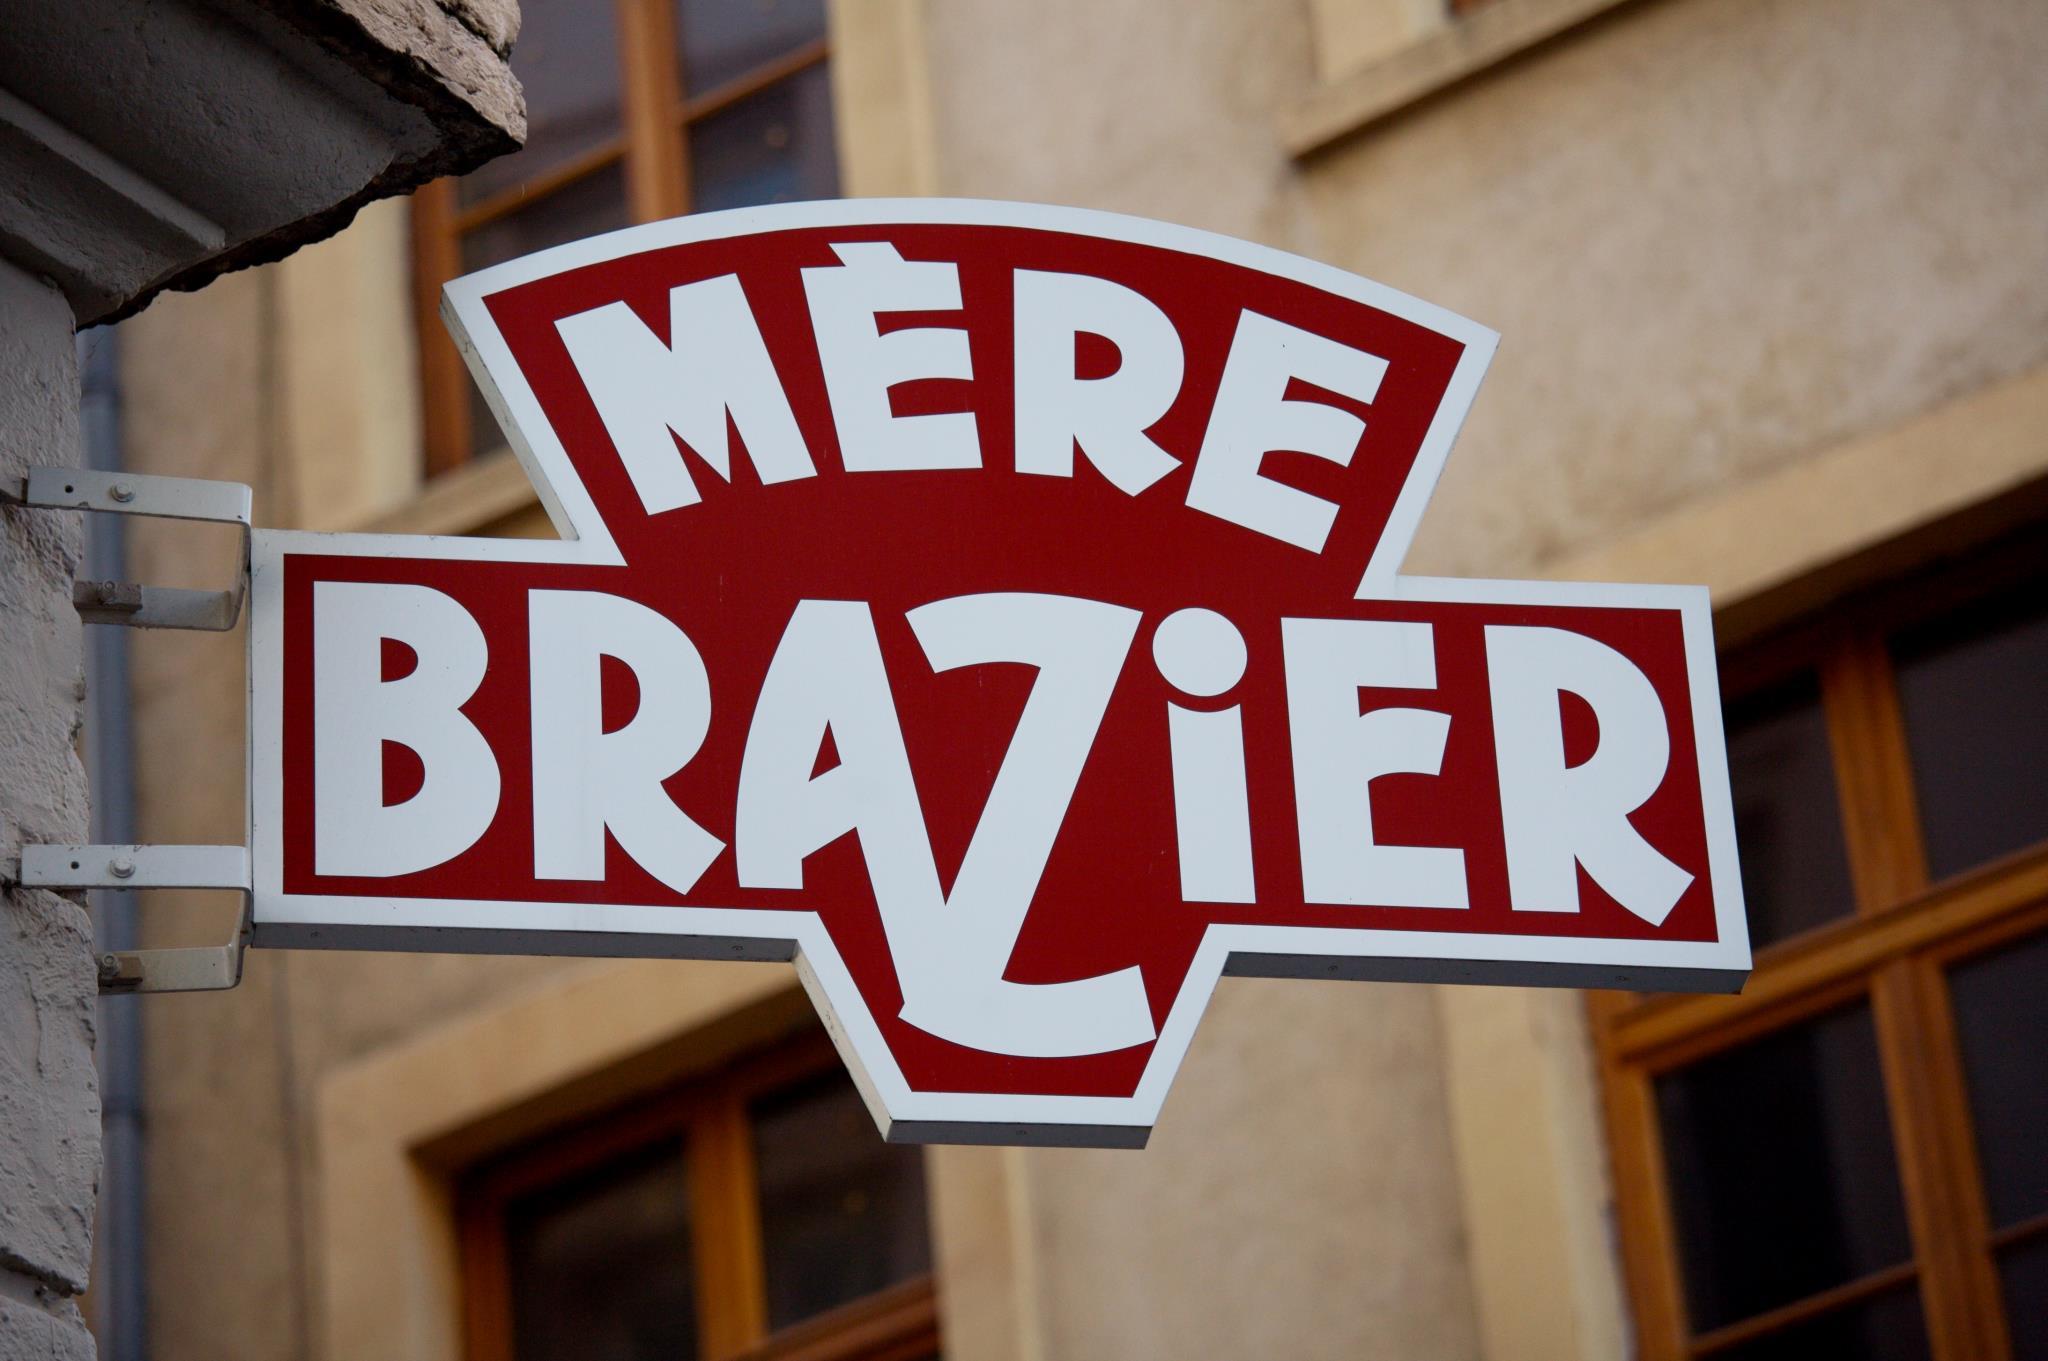 Adhérent LA MERE BRAZIER - photo #2953